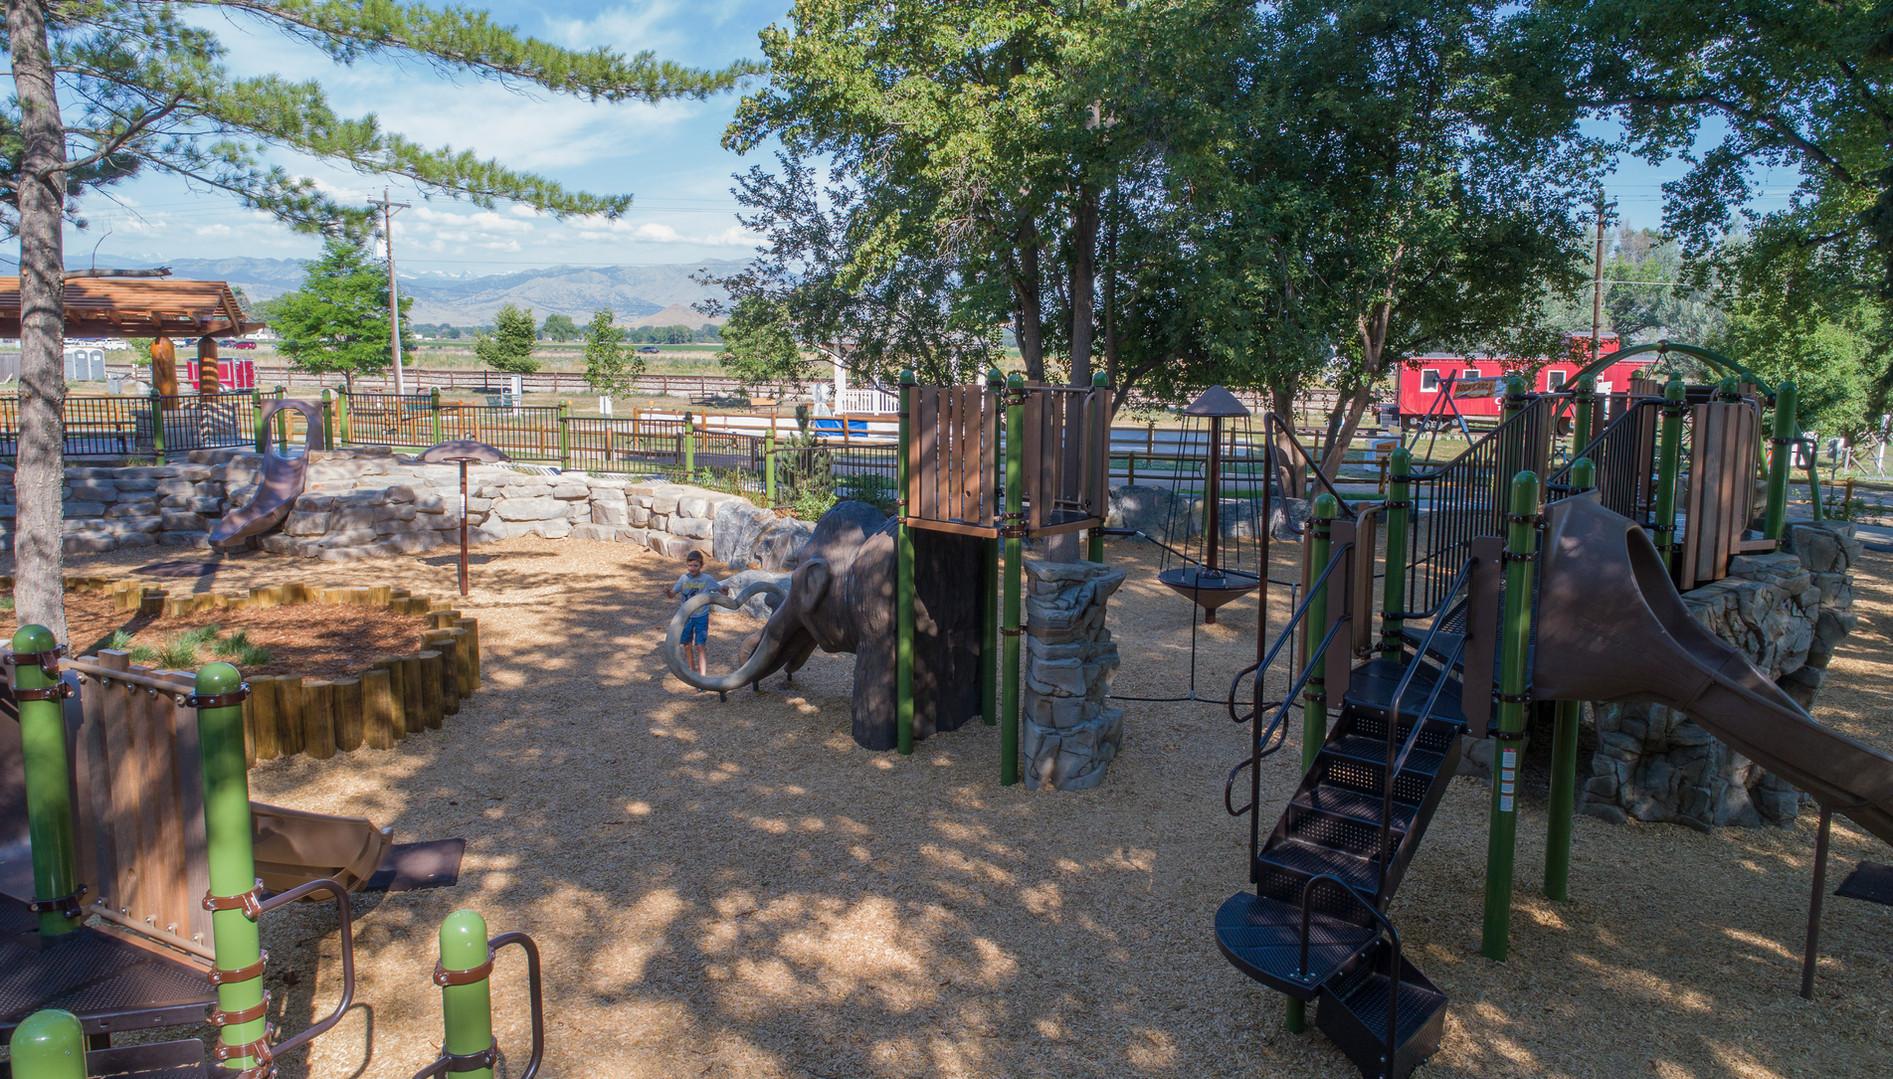 CO - Niwot Childrens Park - 33.jpg